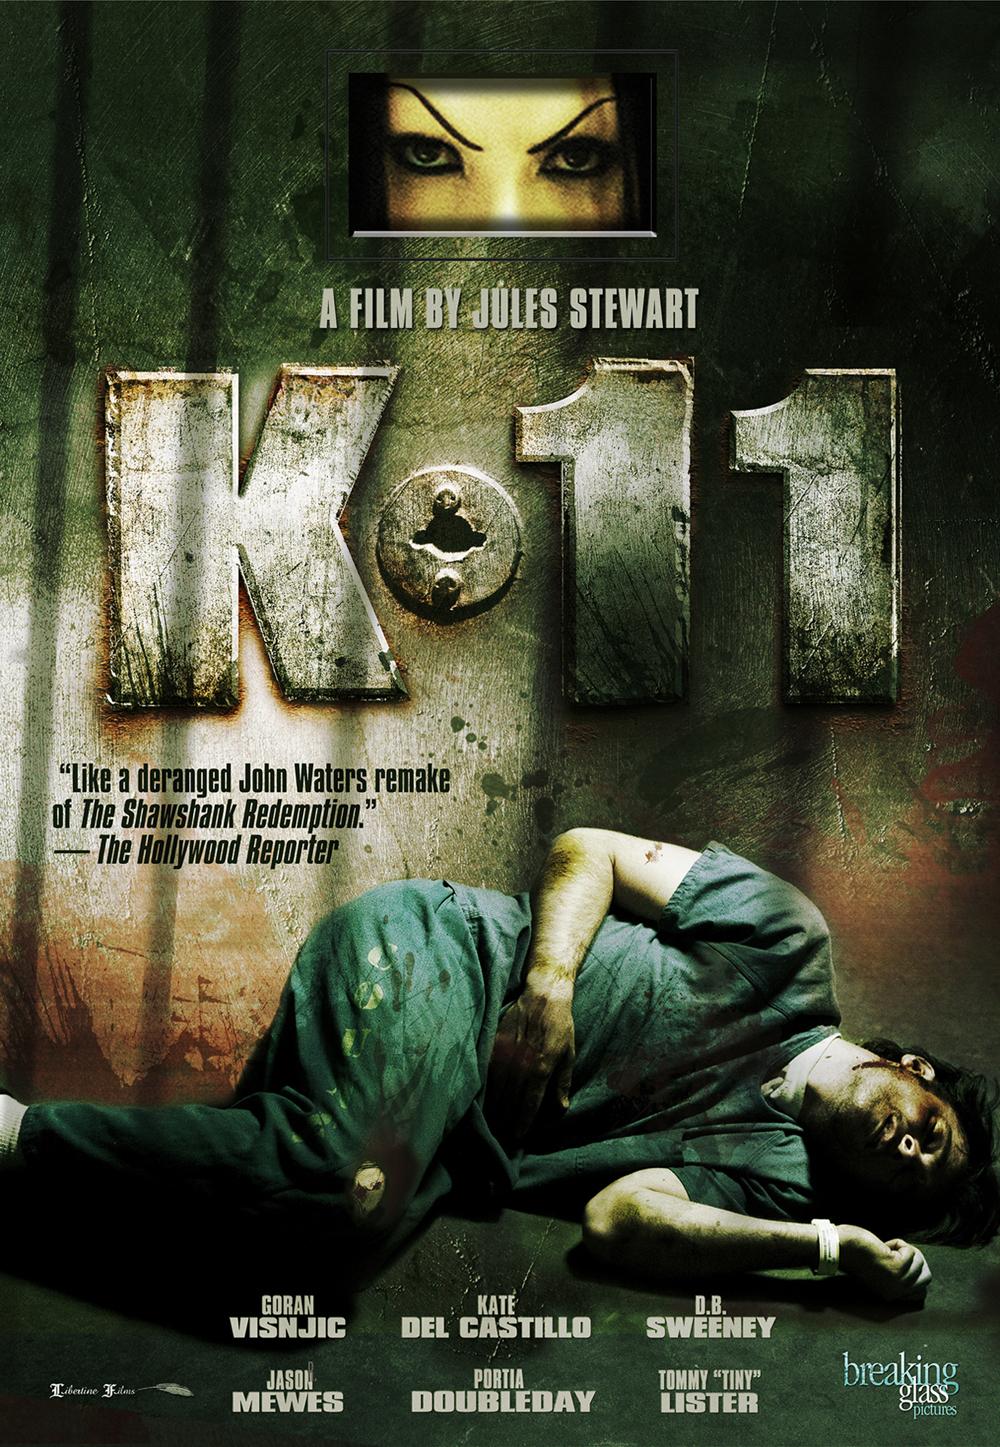 K-11 HiRes poster - blackfilm.com/read | blackfilm.com/read